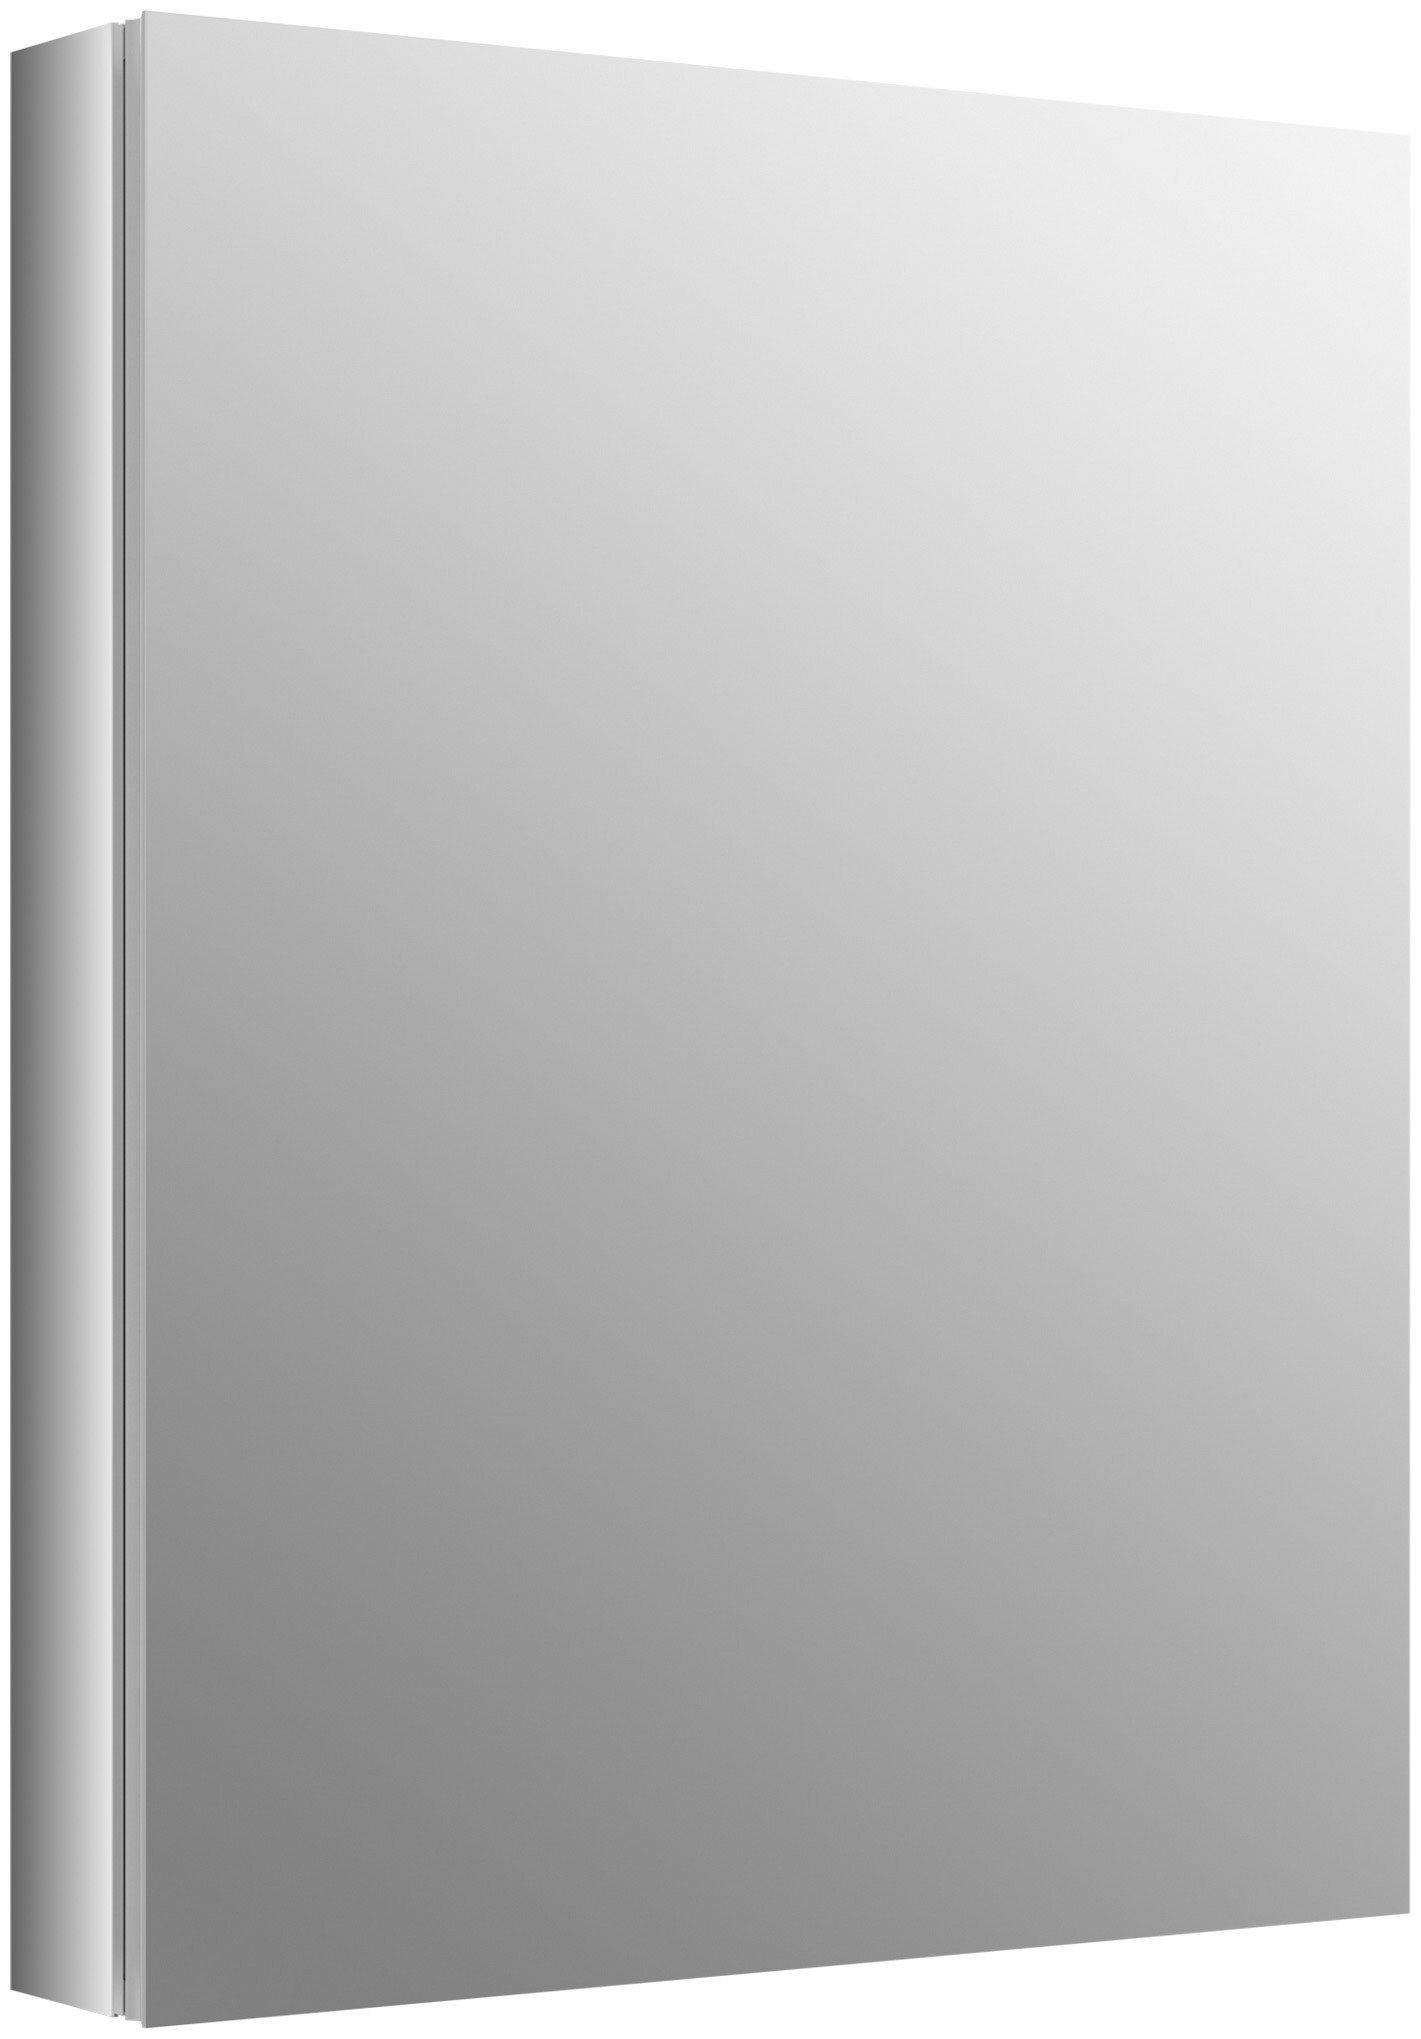 K 99006 Na Kohler Verdera 24 X 30 Recessed Or Surface Mount Medicine Cabinet Reviews